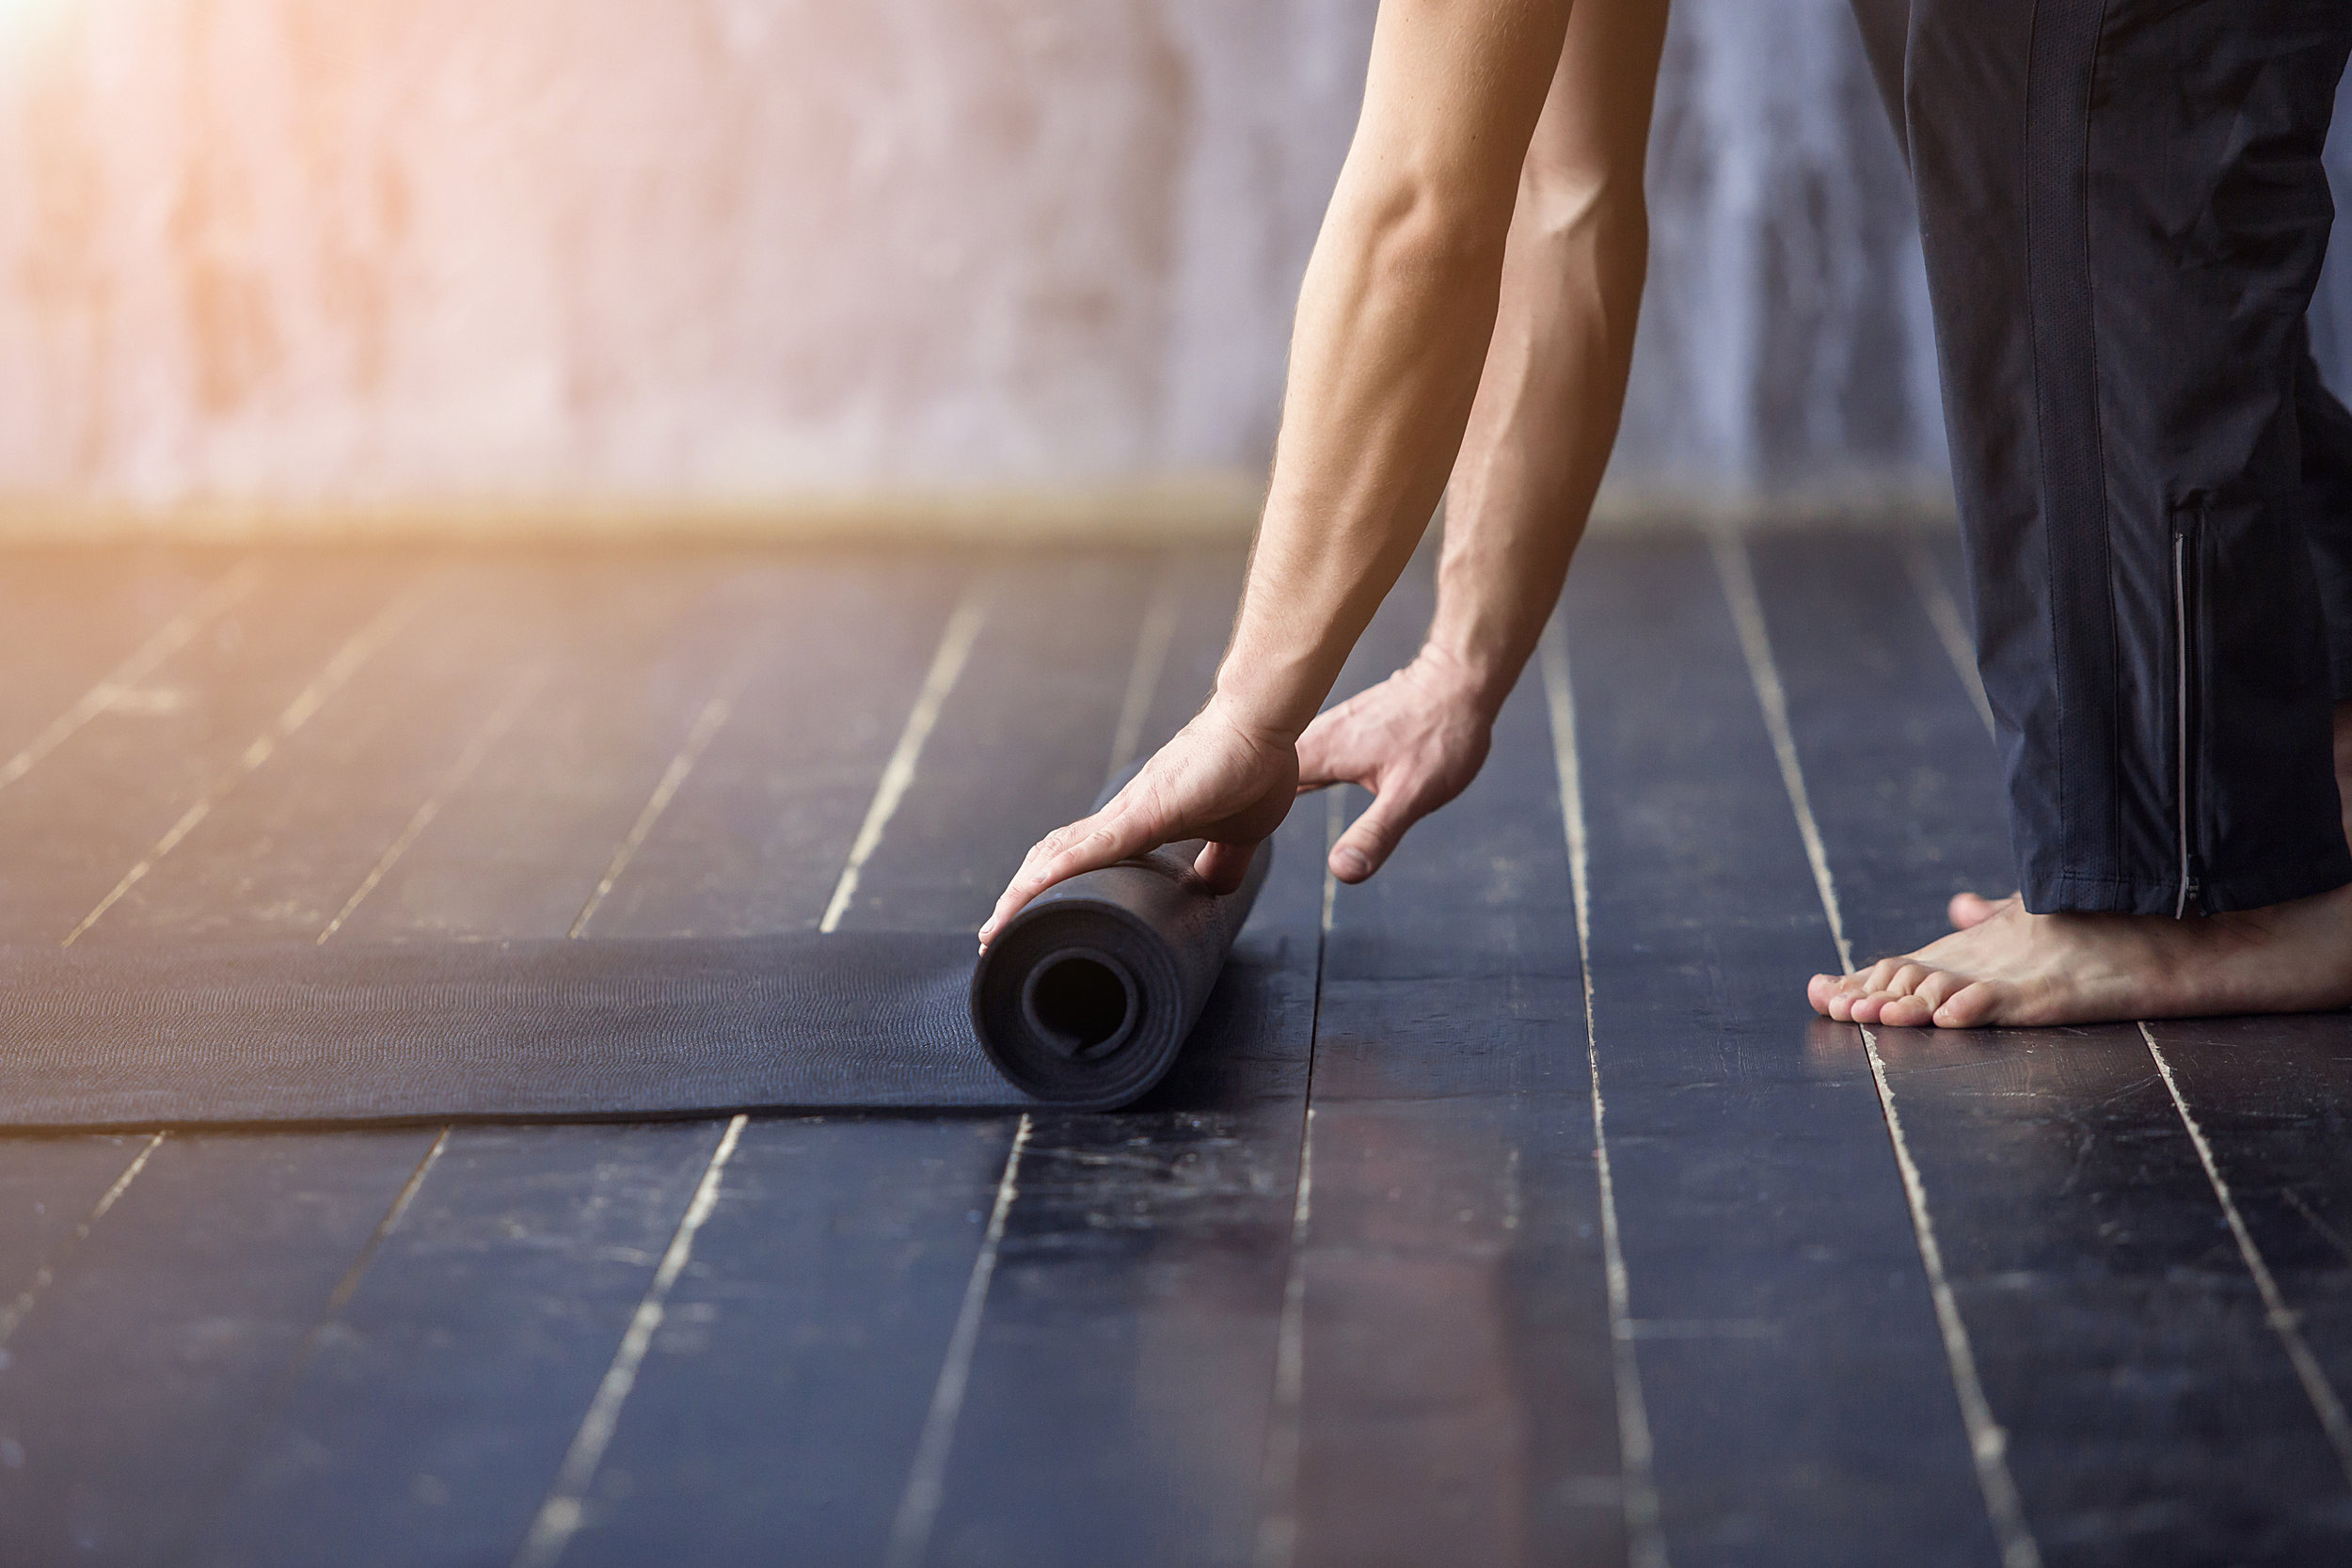 pilates mat photo.jpg